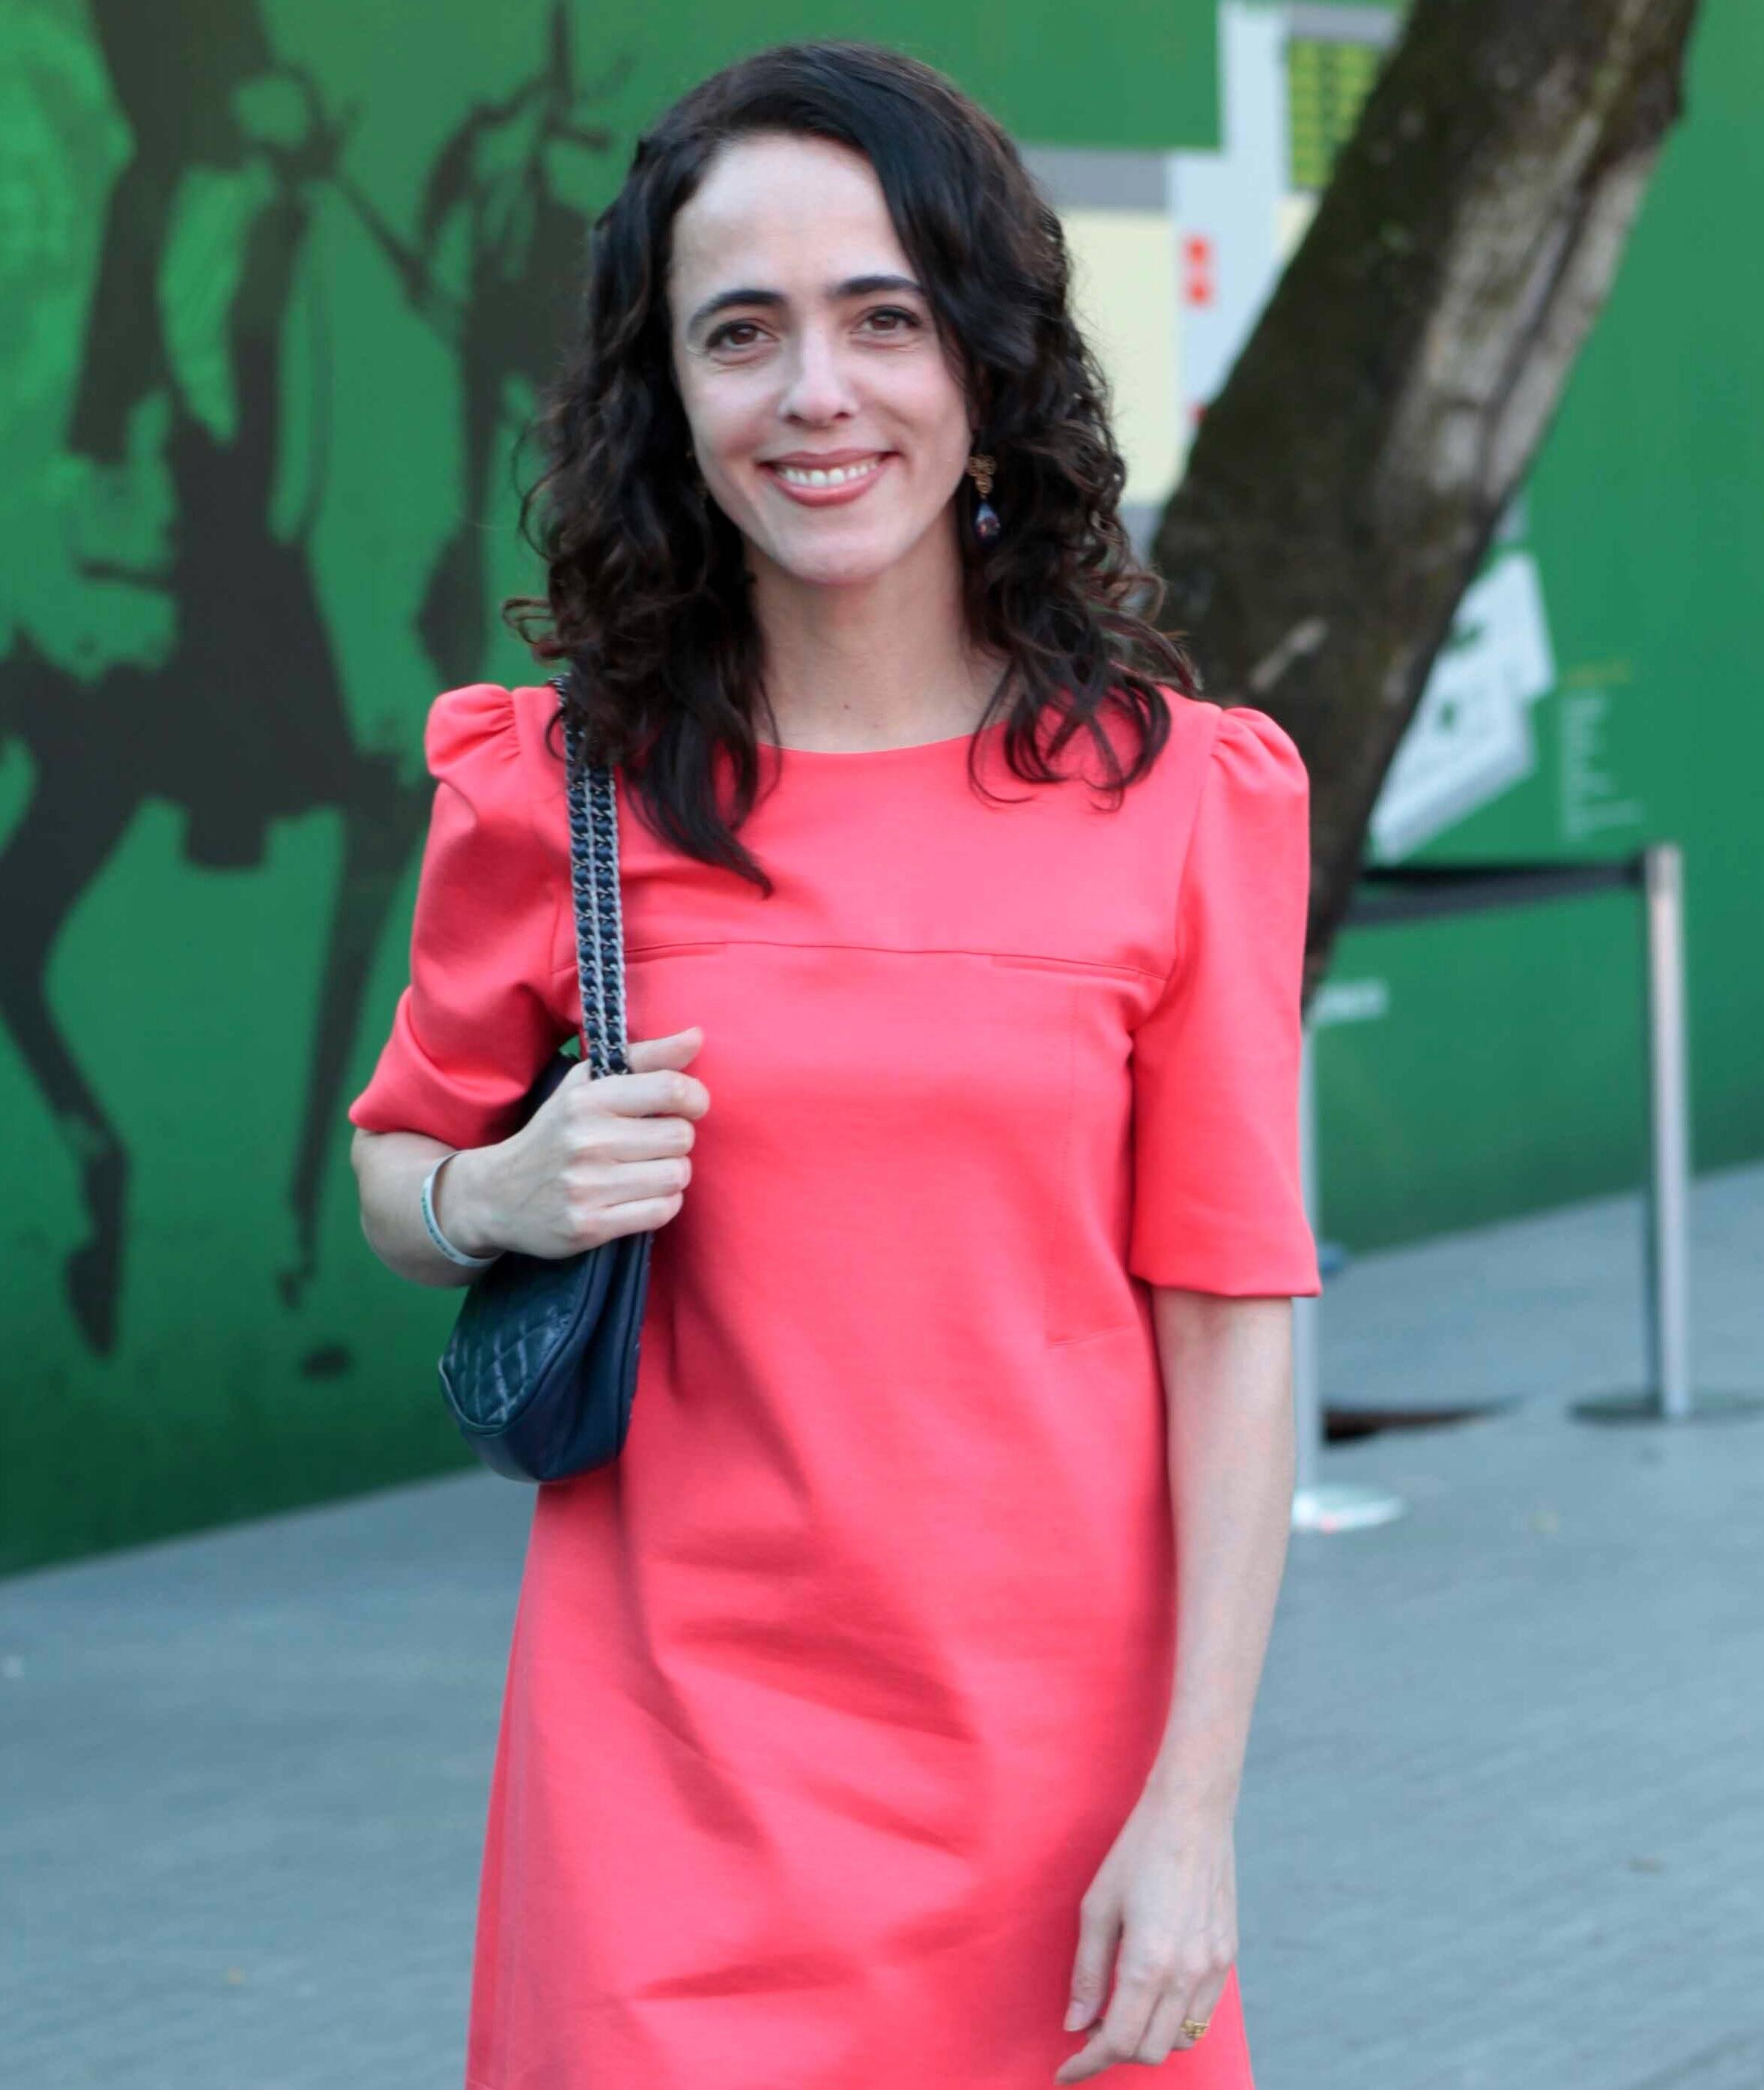 http://lulacerda.ig.com.br/wp-content/gallery/athina-onassis/silvia-buarque-de-holanda-foto-fernando-azevedo.jpg